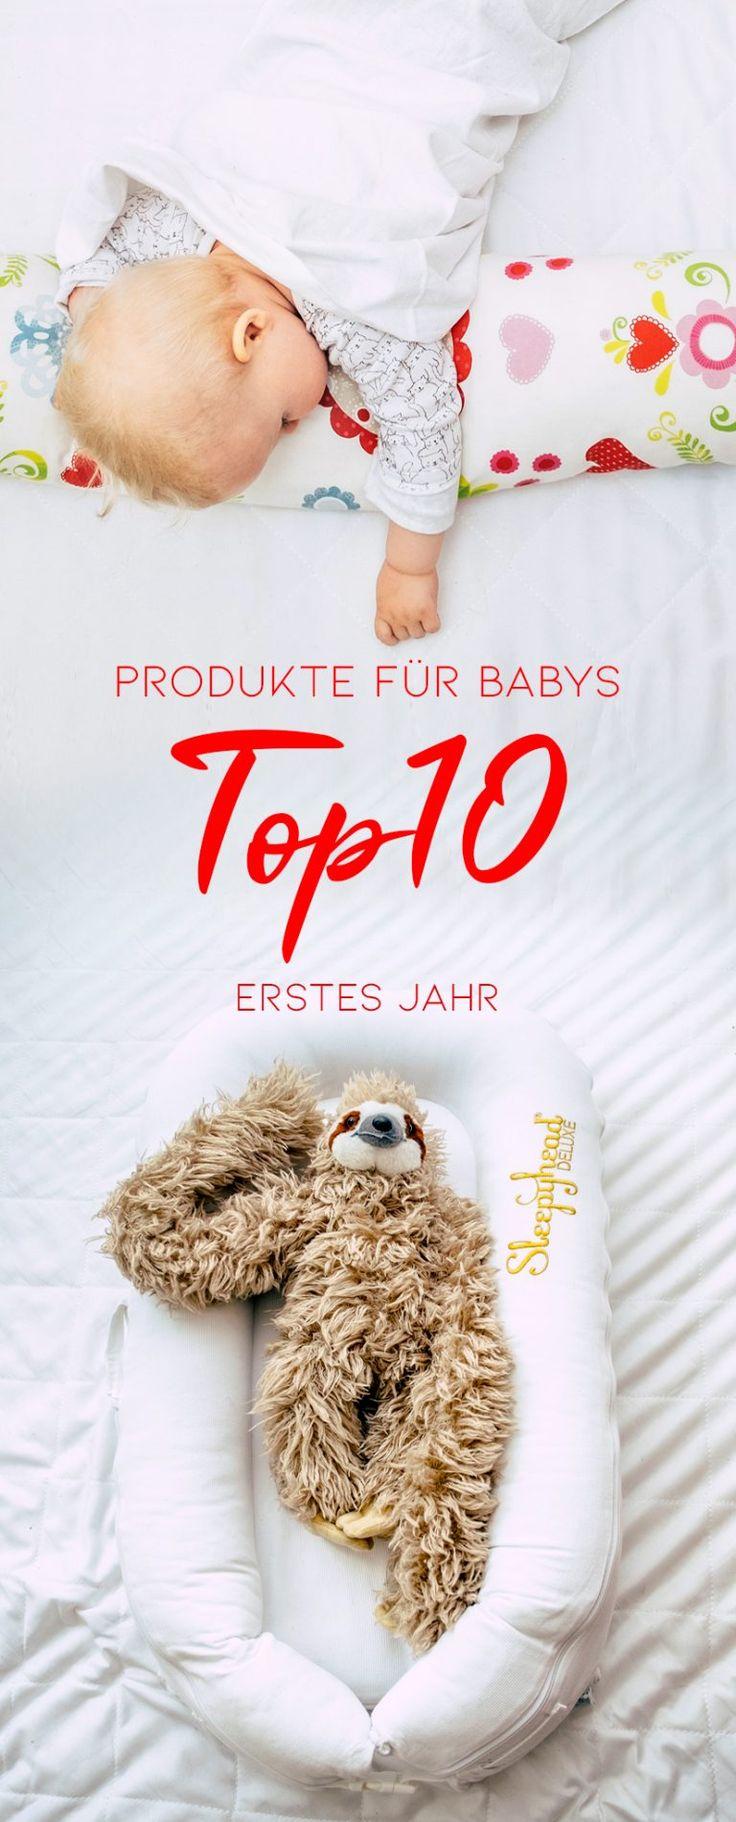 Baby-Ausstattungsliste: Top Ten Babyprodukte 0-1 Jahr   – Baby